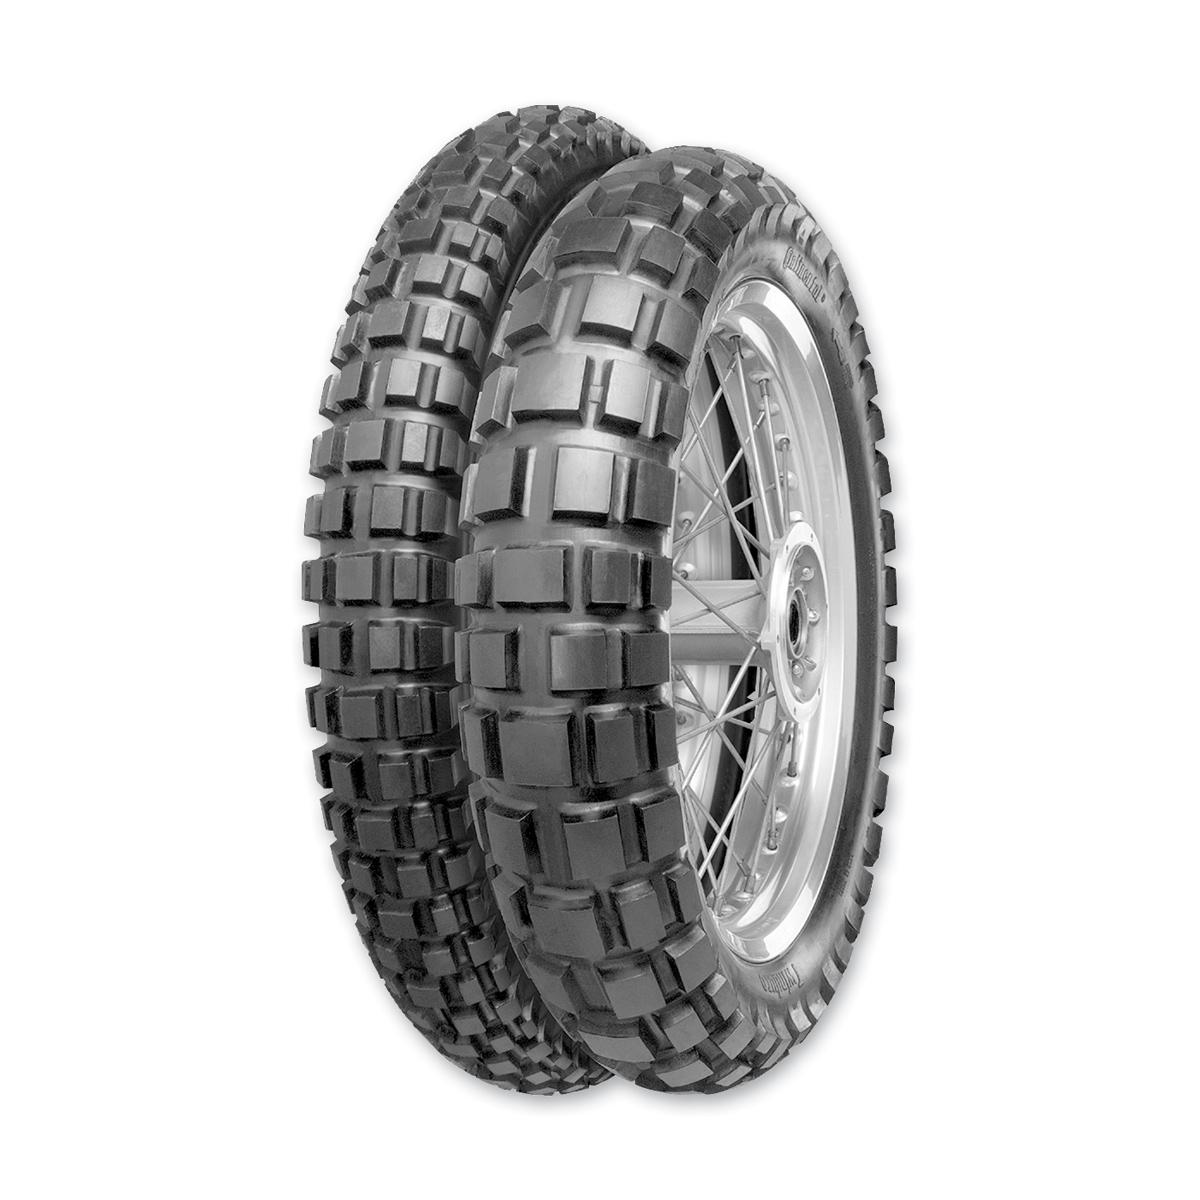 Continental TKC80 140/80Q17 Rear Tire